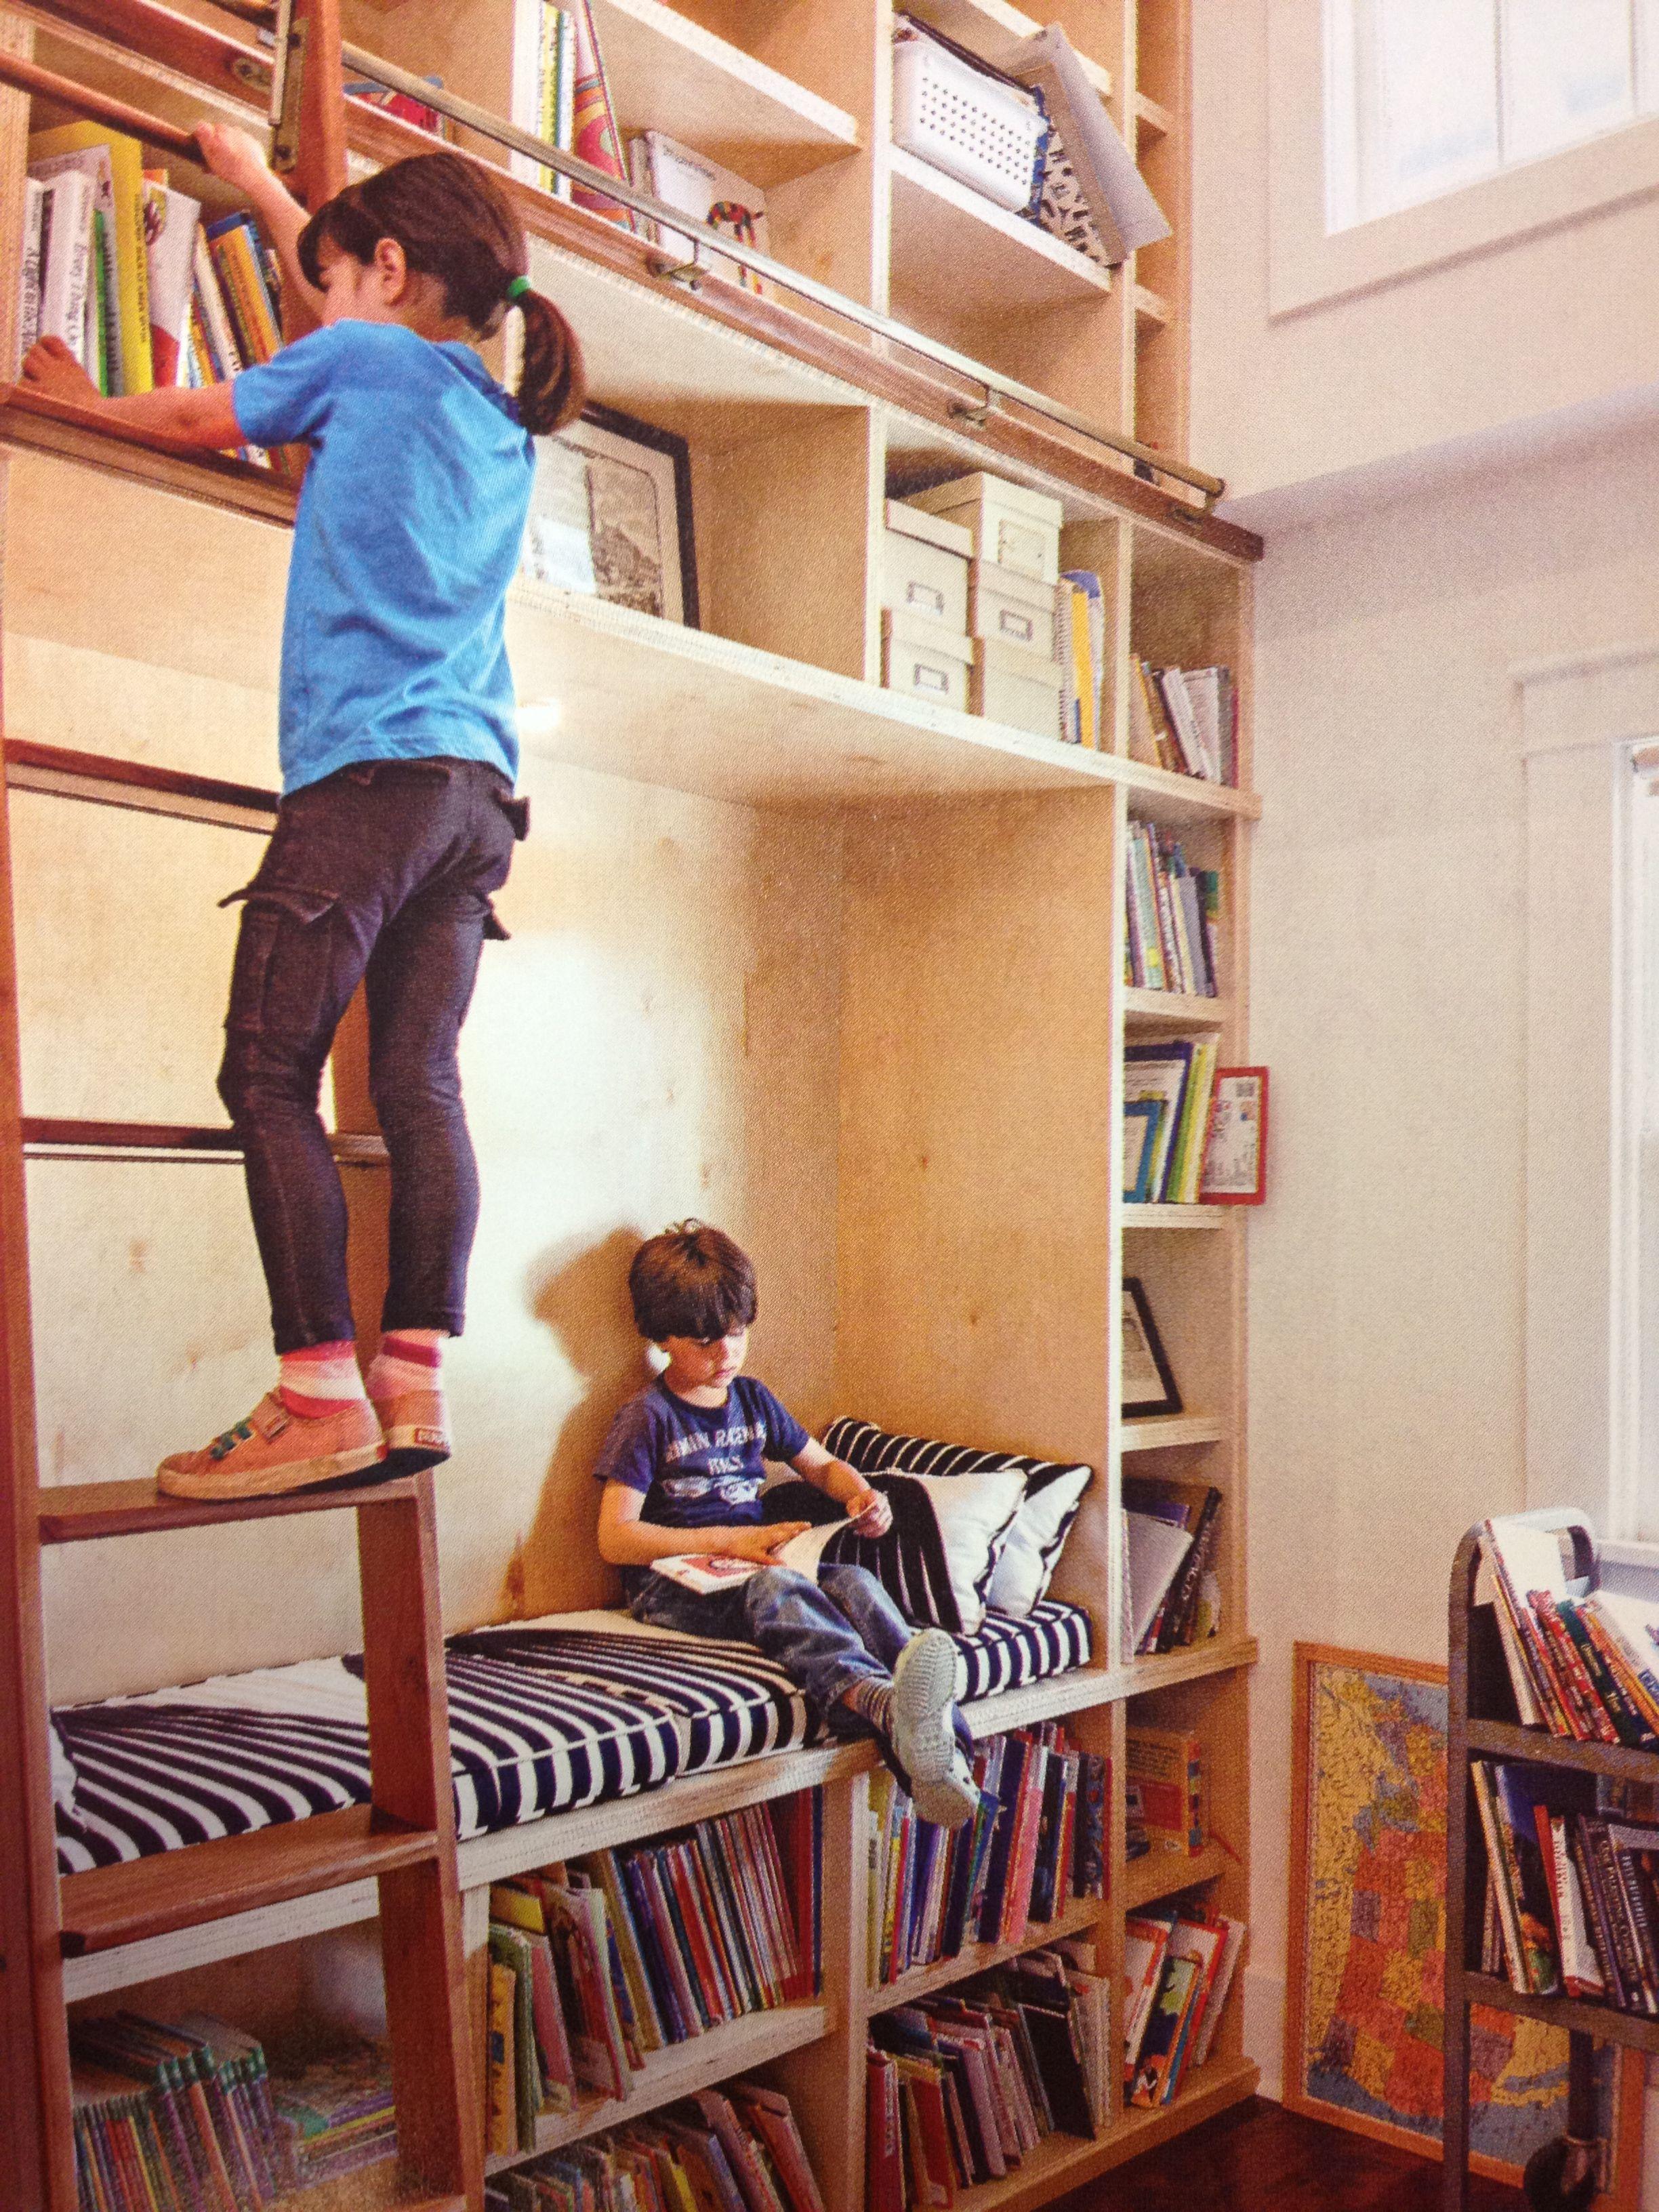 Un rincón de lectura completo con bibliotecas y una escalerilla para trepar.